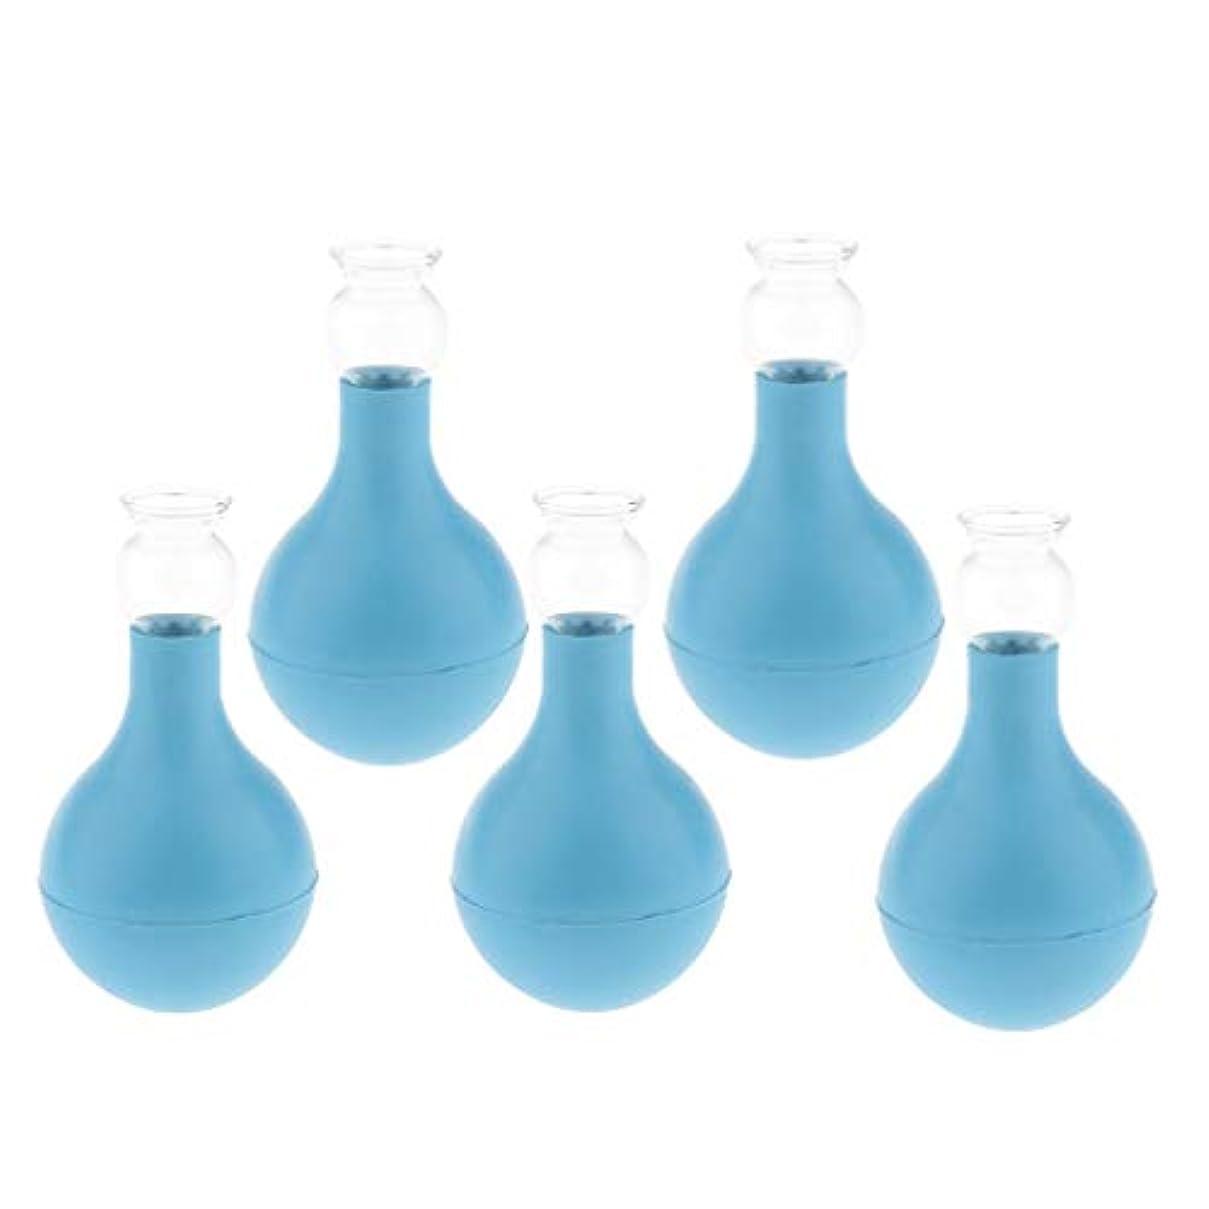 ベアリングサークル現実材料マッサージ 吸い玉 カッピング 5個 シリコン ガラス 顔 首 背中 胸 脚 全身用 2サイズ選ぶ - ブルー+ブルー3cm, 3cm